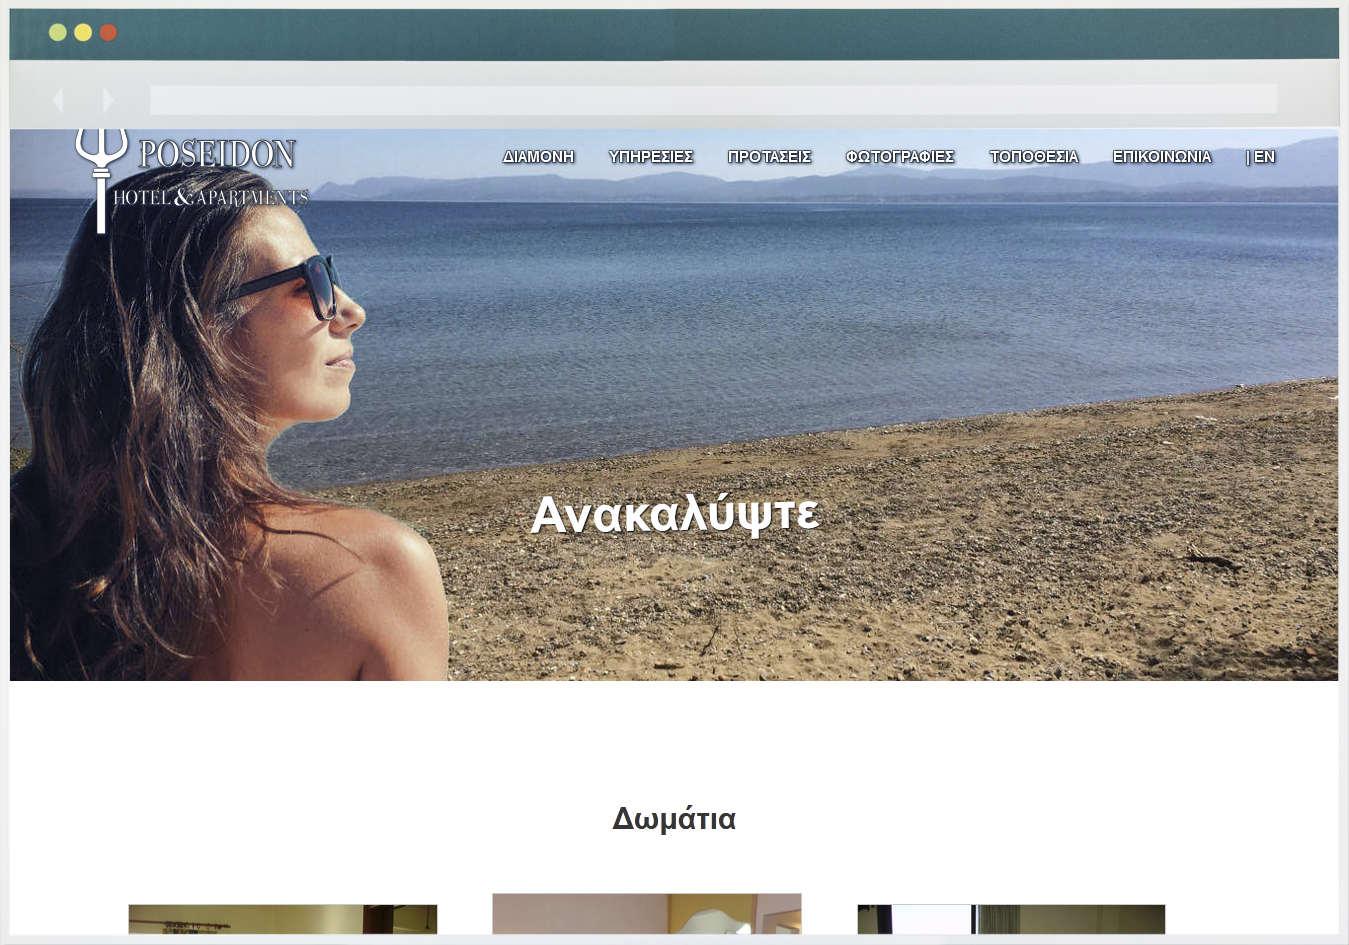 Poseidon website